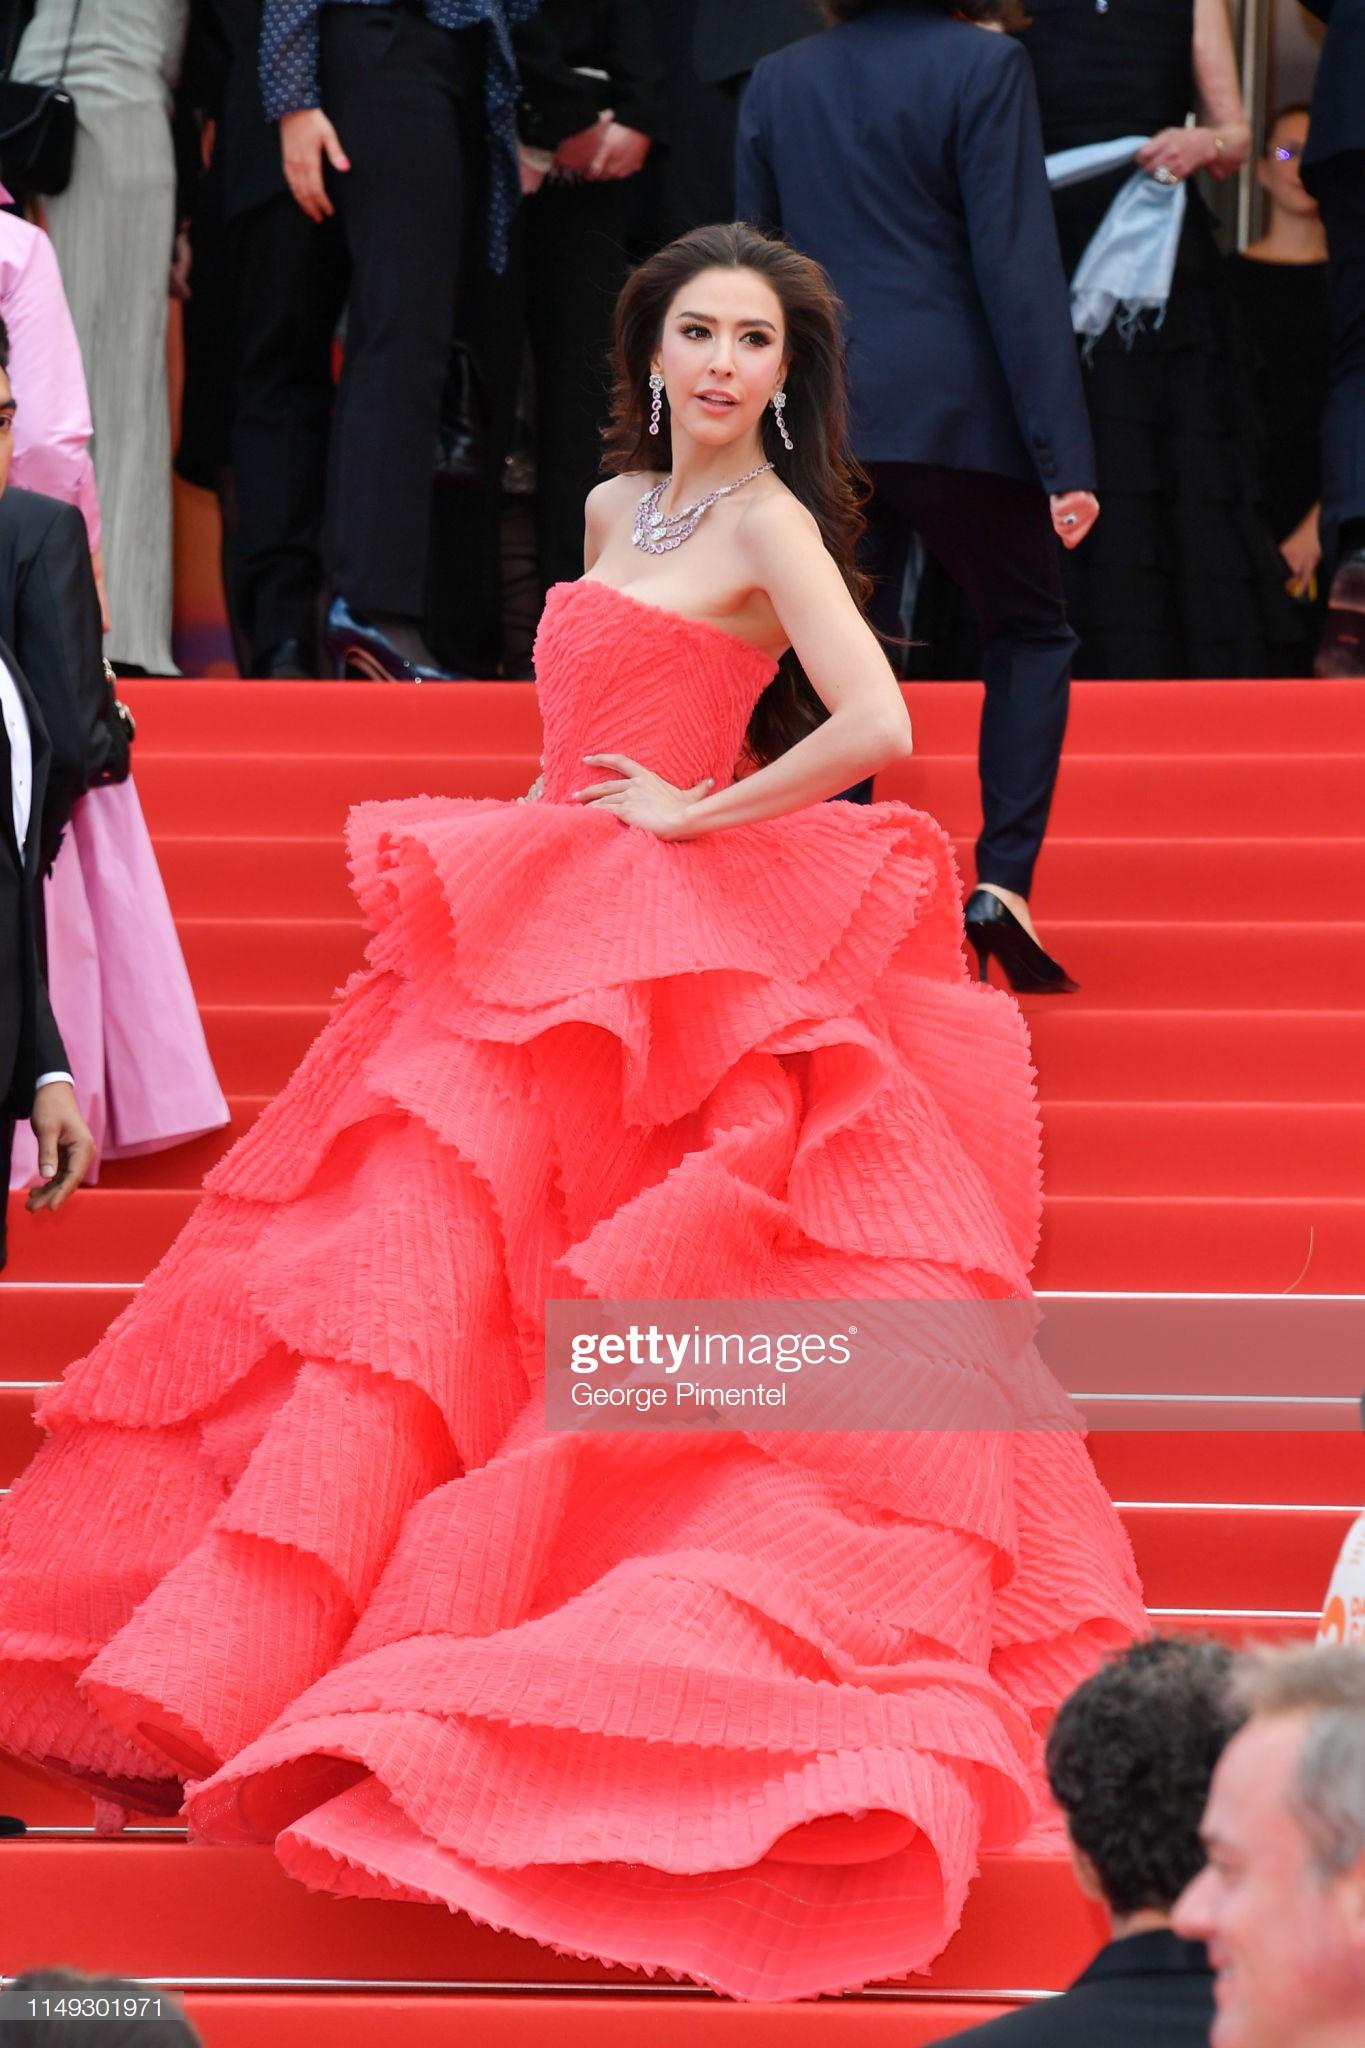 Ngày thứ 2 Cannes xuất hiện nữ thần nhan sắc chặt chém thảm đỏ, khiến Phạm Băng Băng Thái Lan chịu lép vế - Ảnh 8.